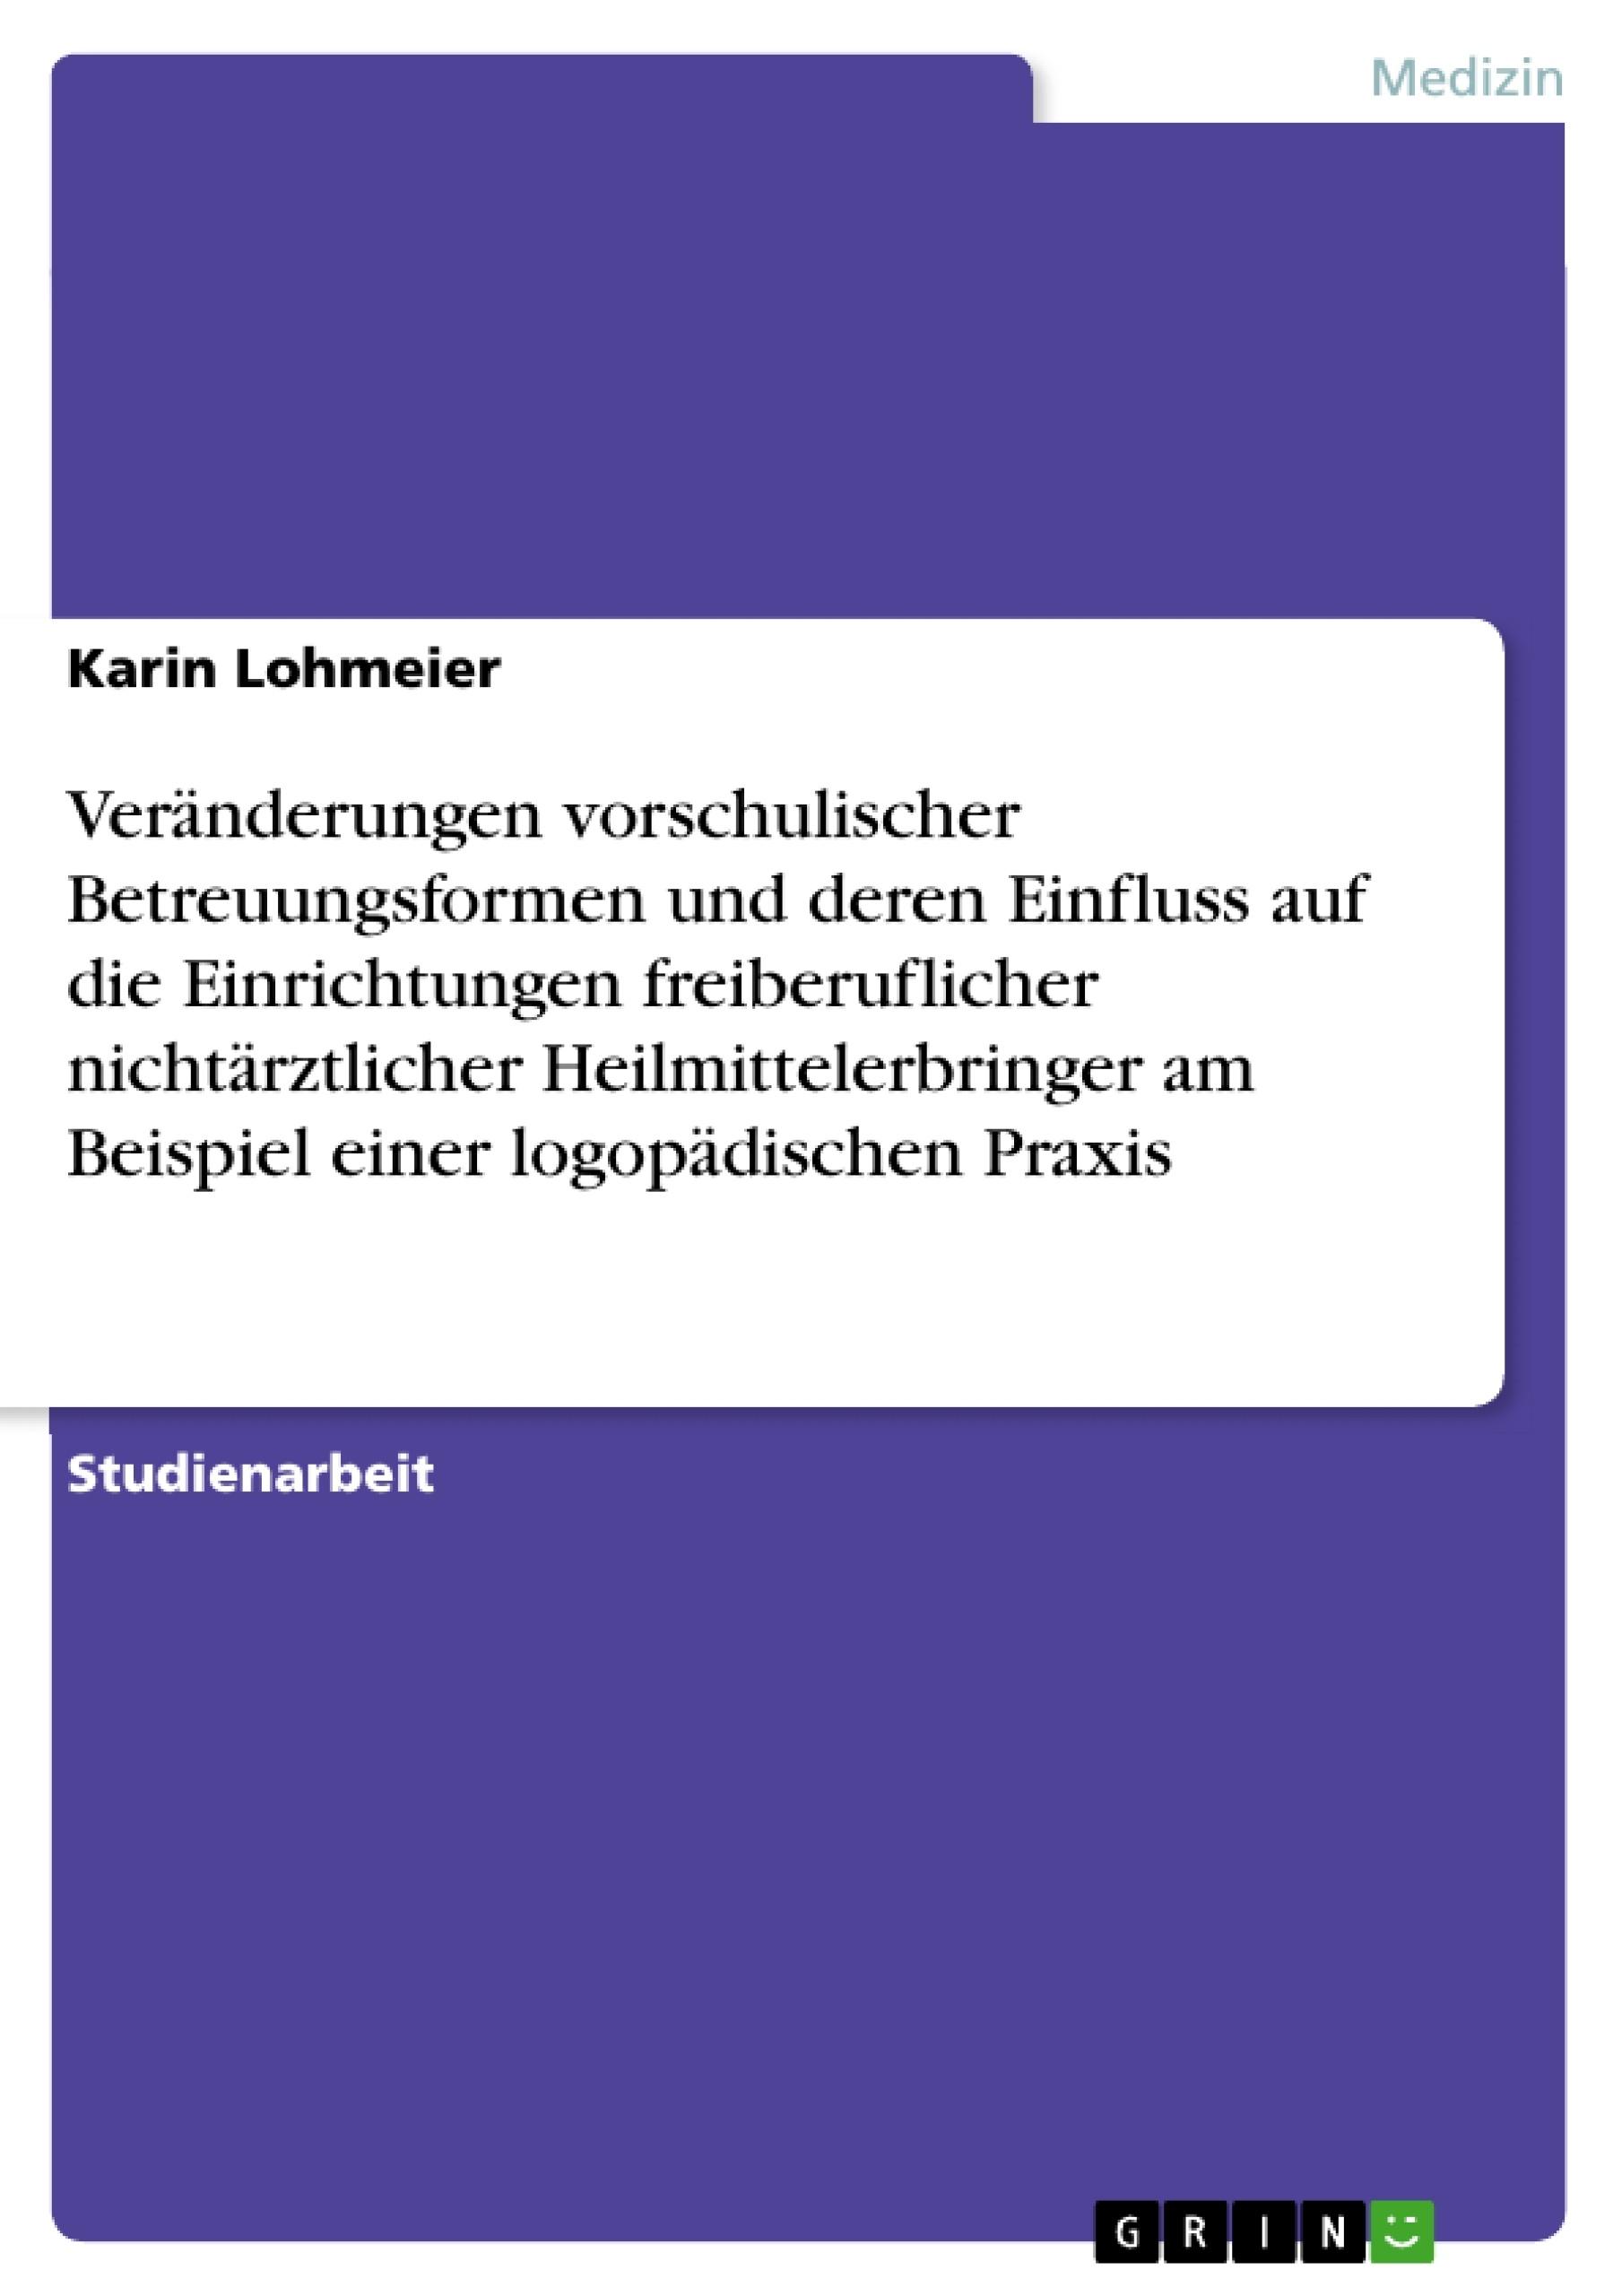 Titel: Veränderungen vorschulischer Betreuungsformen und deren Einfluss auf die Einrichtungen freiberuflicher nichtärztlicher Heilmittelerbringer am Beispiel einer logopädischen Praxis